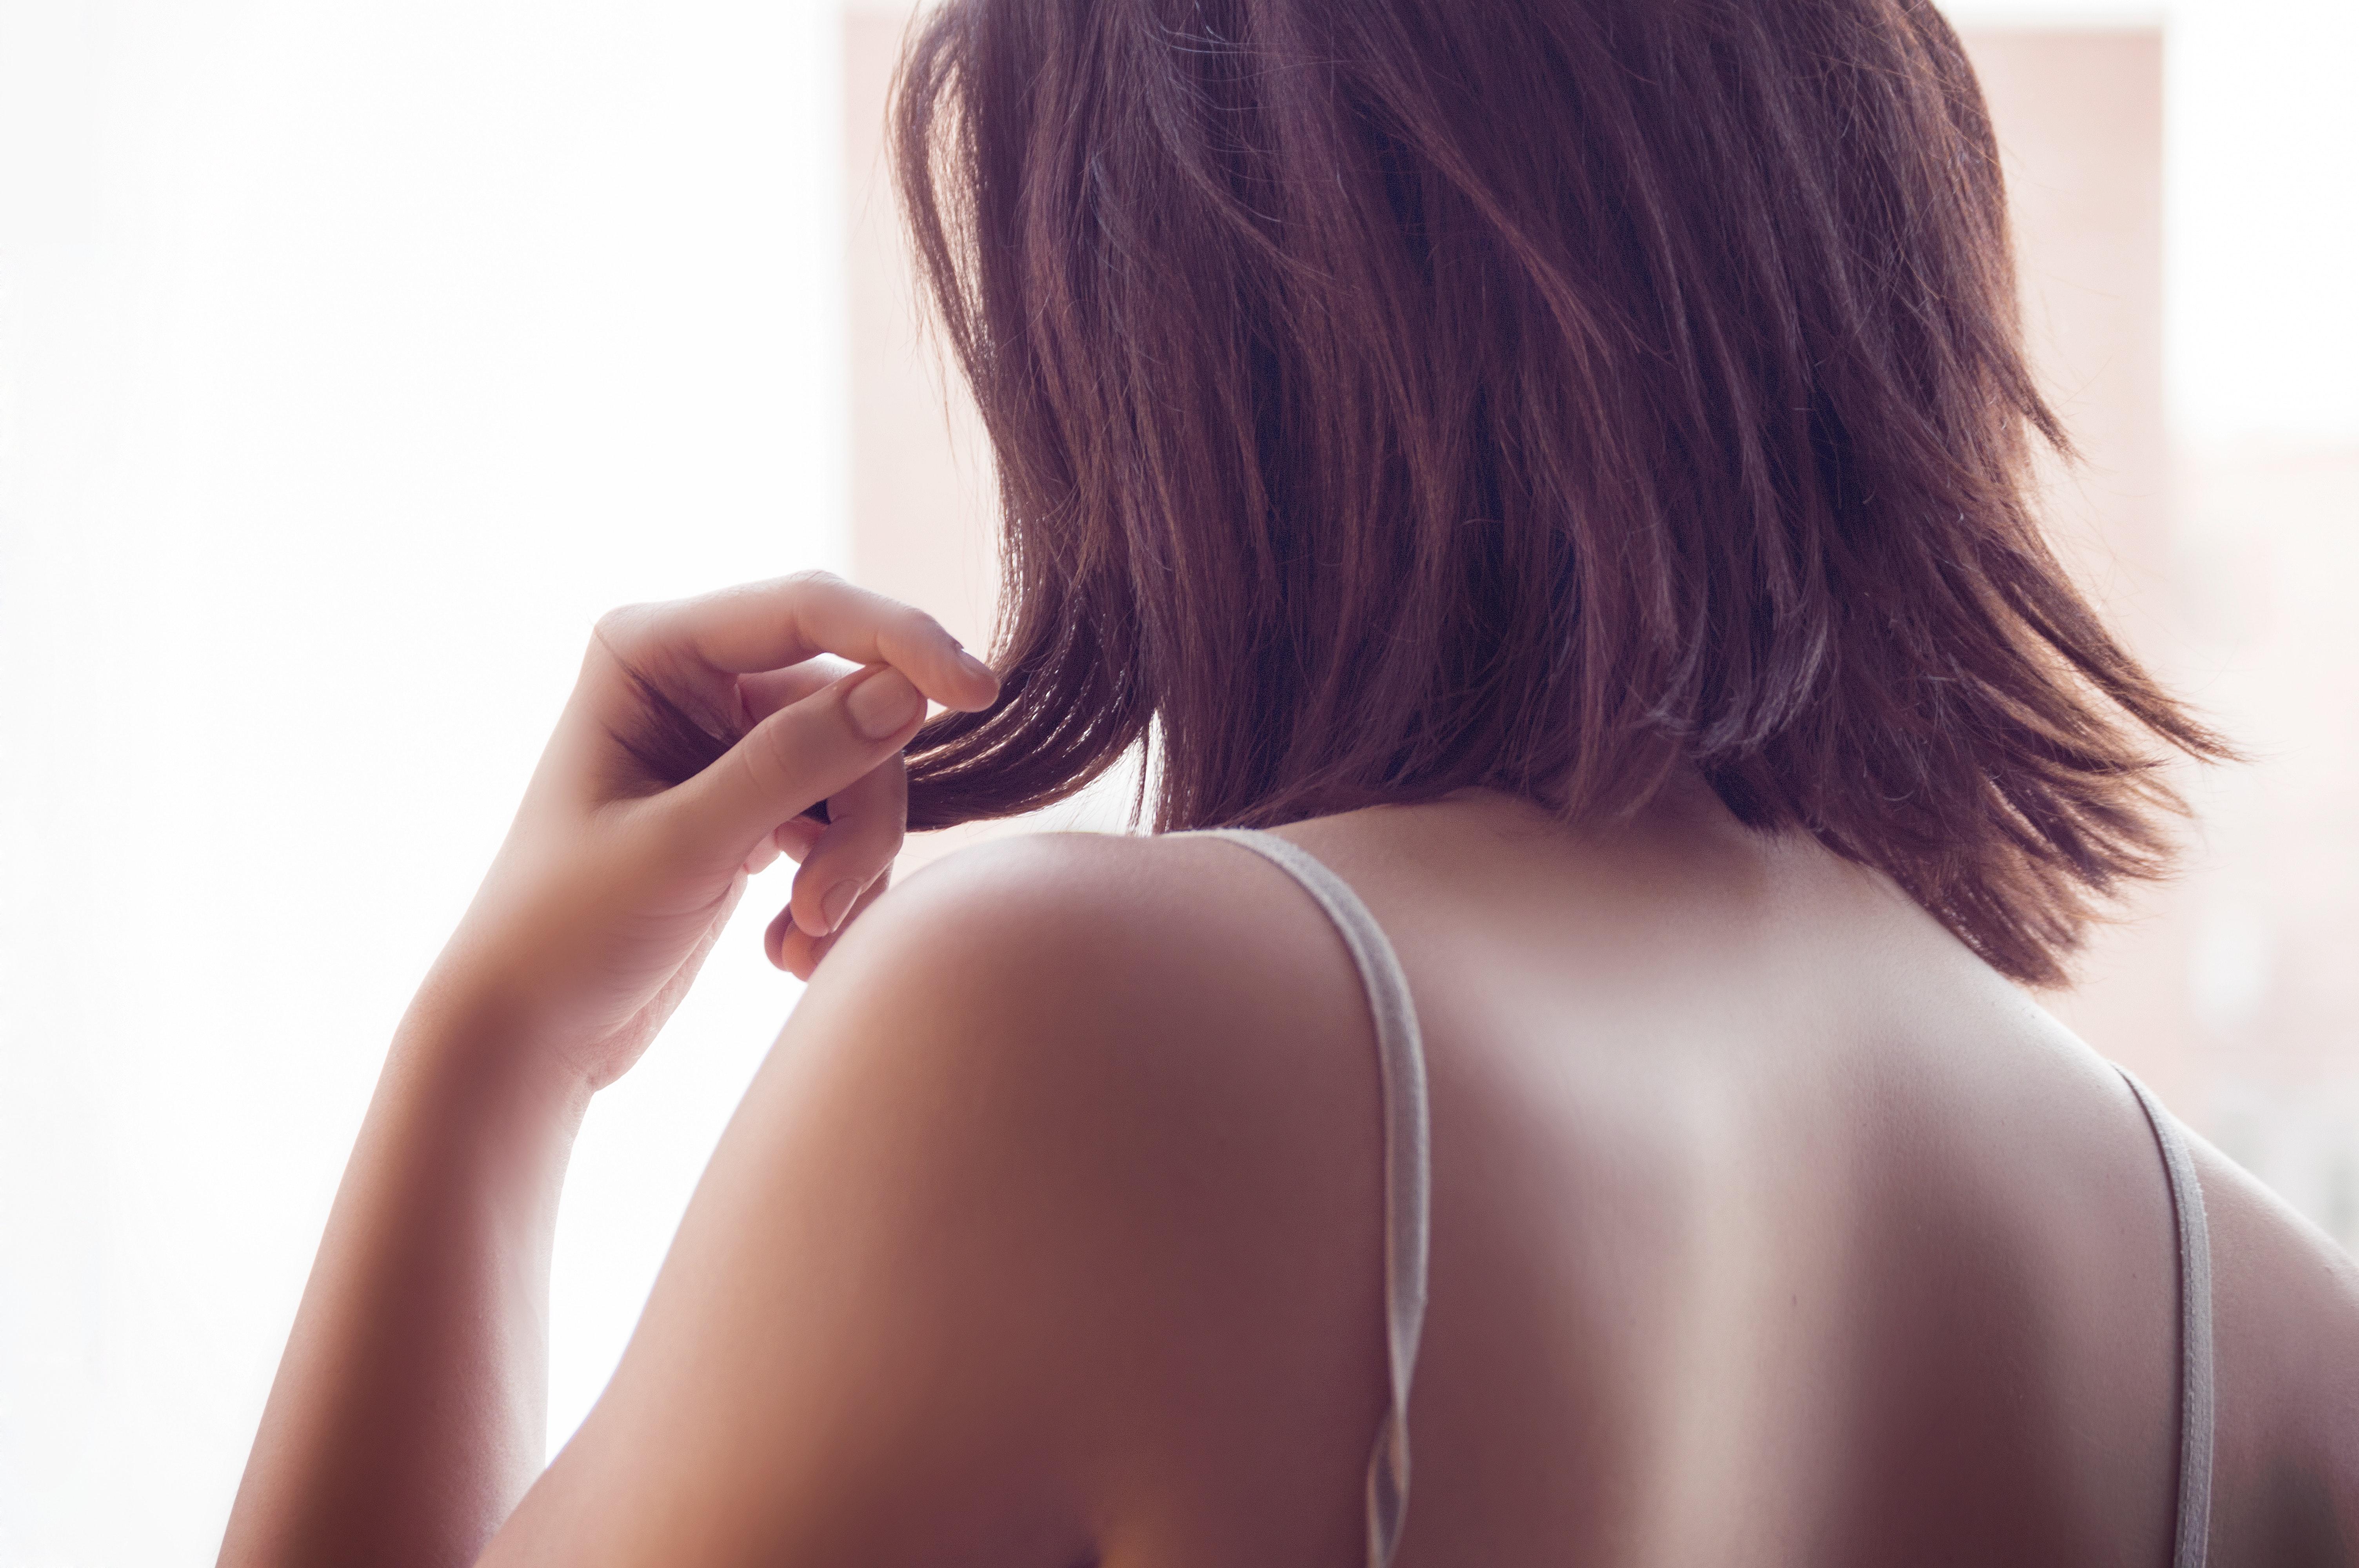 protege-tu-cabello-maltratado